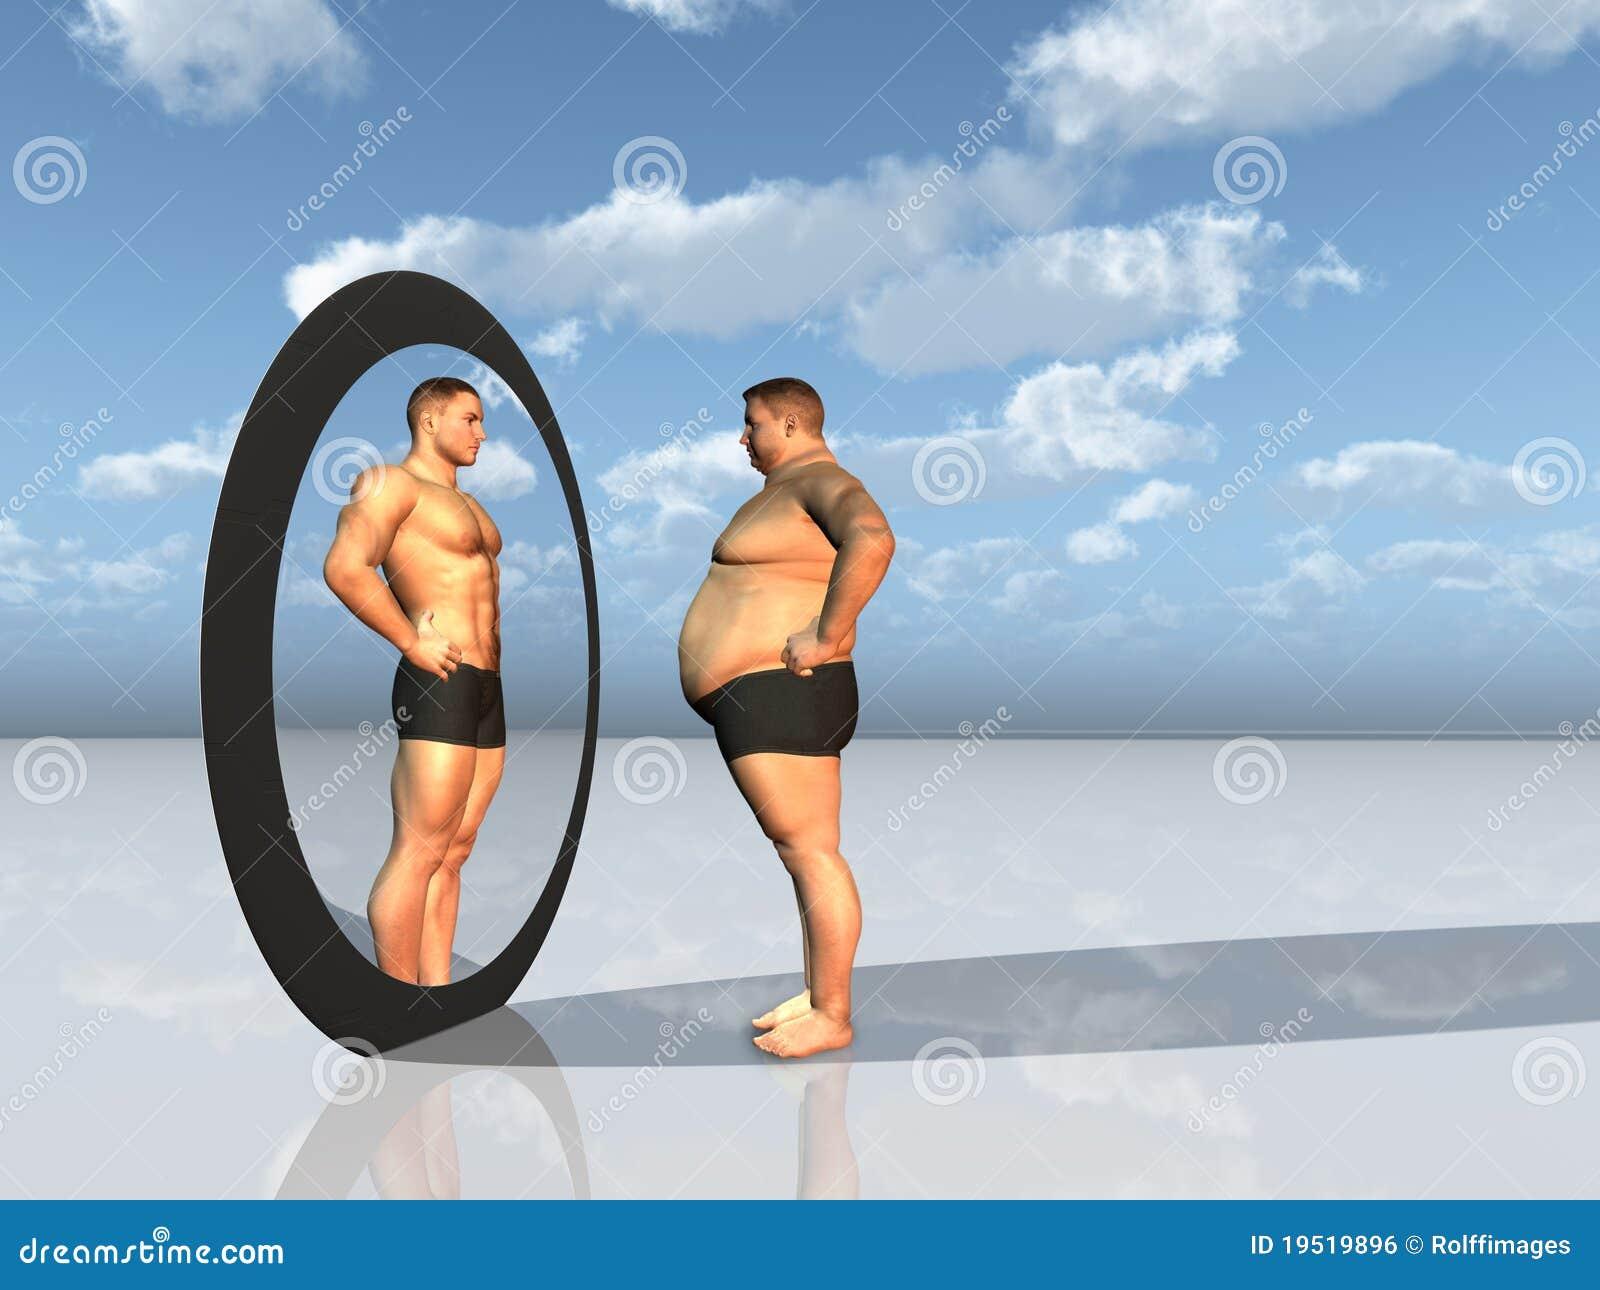 O homem vê o outro auto no espelho